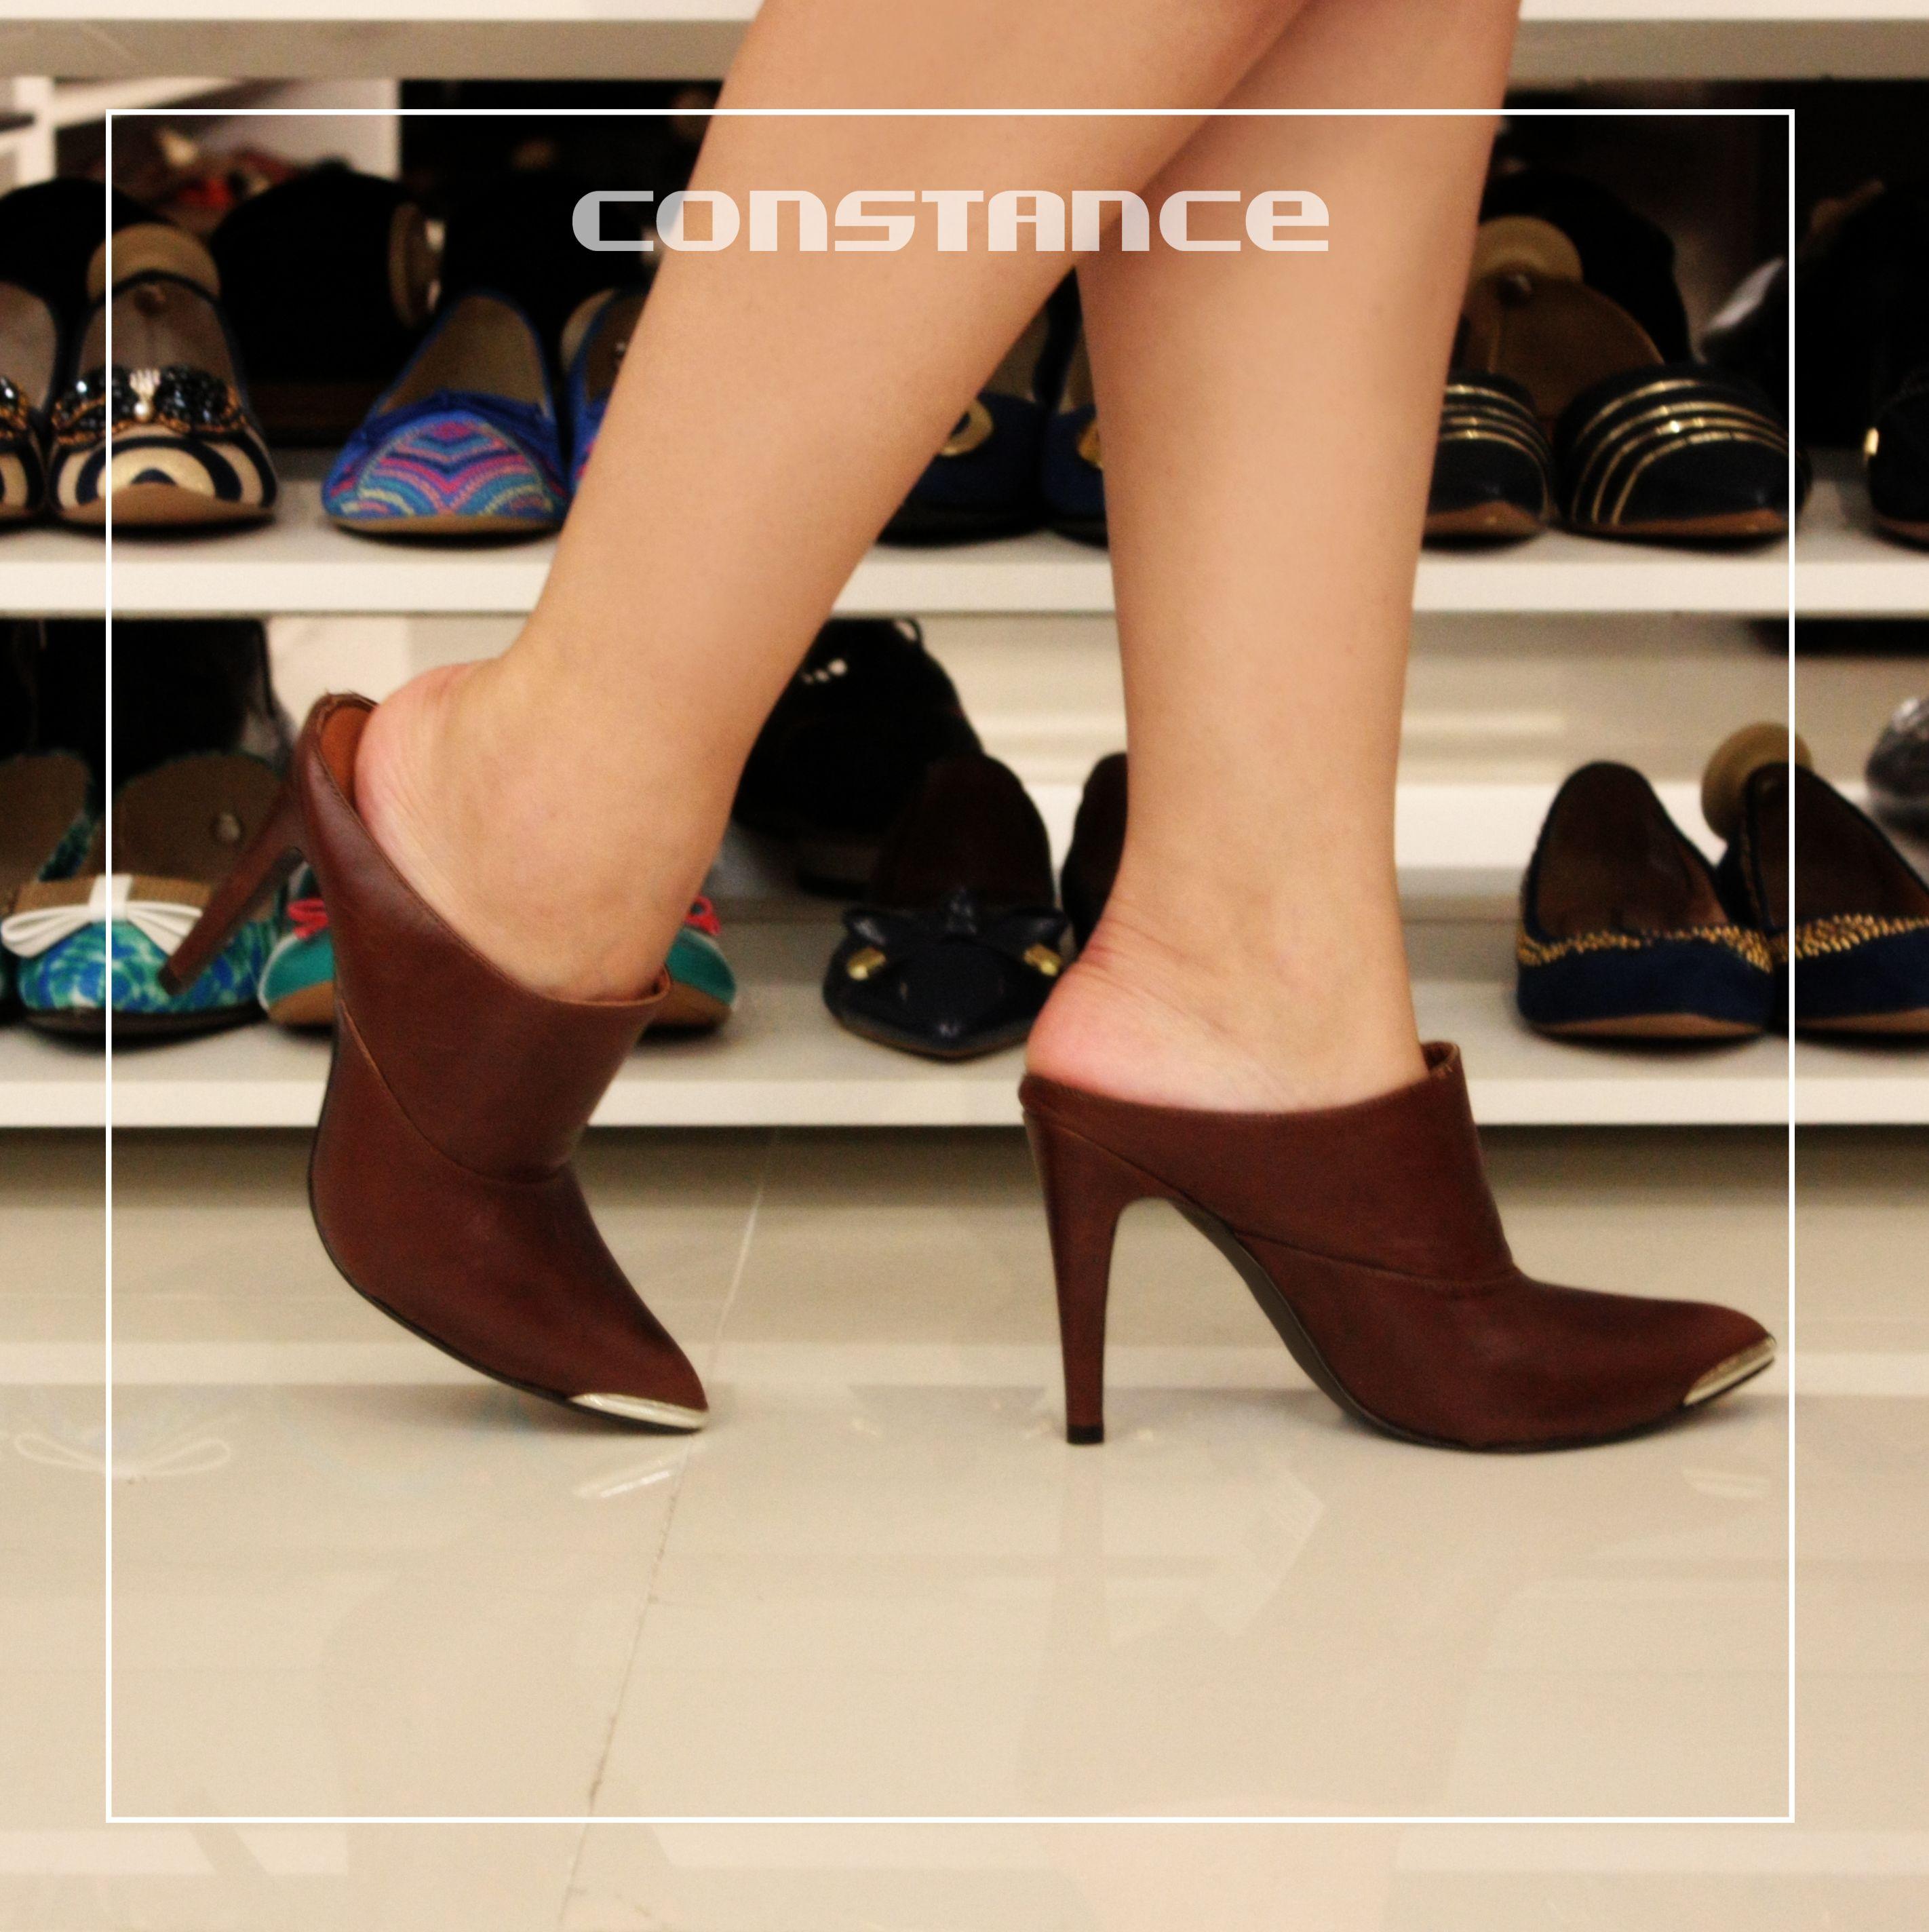 aae6ae7af0 Pin de Constance Calçados em Constance Calçados